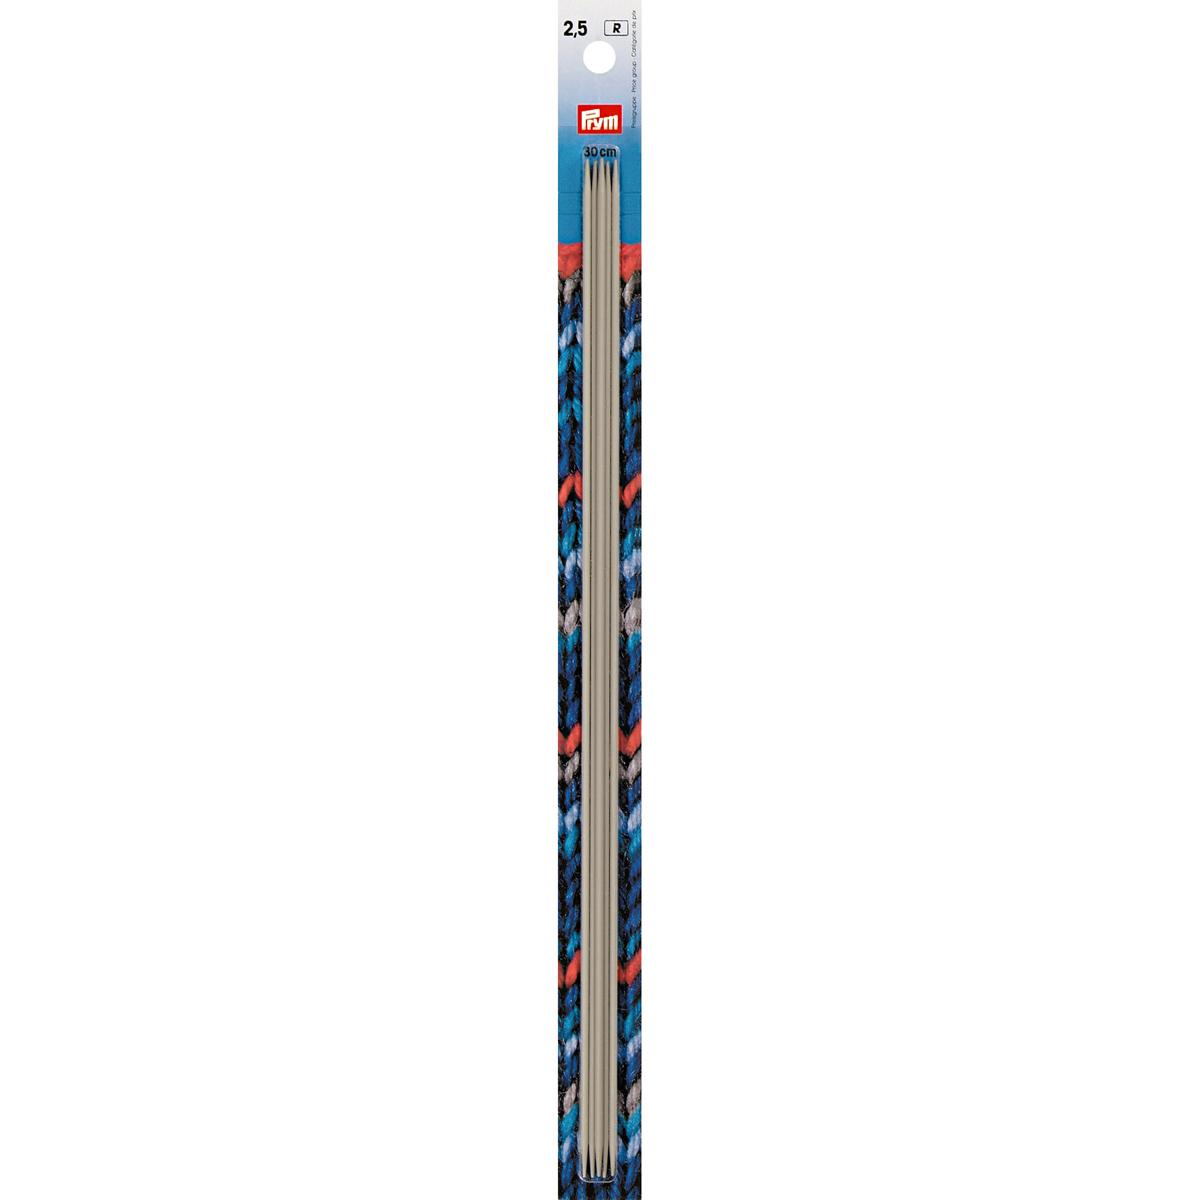 191556 Спицы чулочные, алюминий, жемчужно-серый, 30 см*2,5 мм, упак./5 шт., Prym